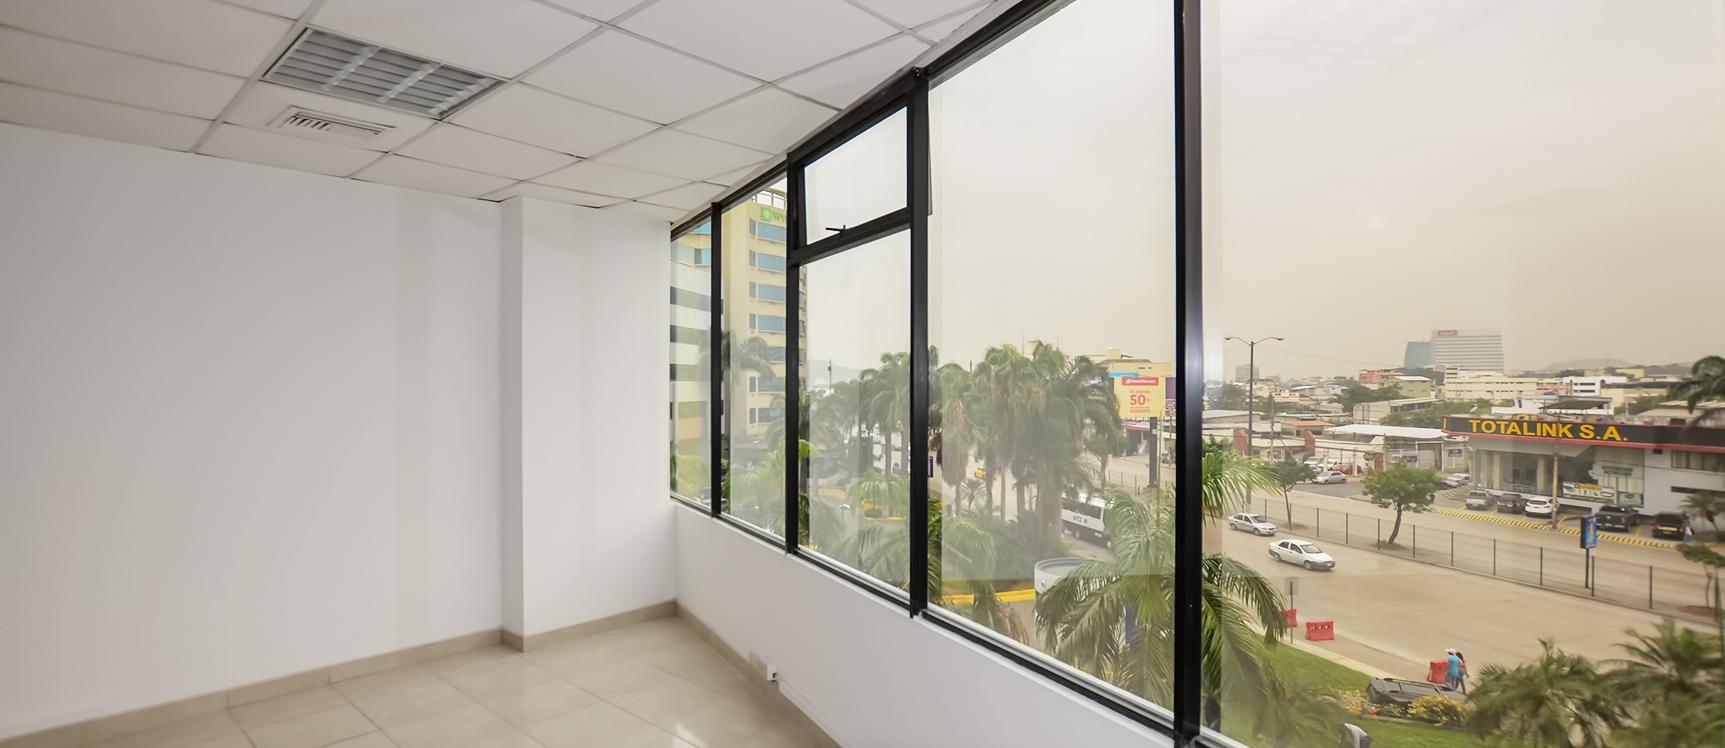 GeoBienes - Oficina en alquiler en Edificio Executive Center sector norte de Guayaquil - Plusvalia Guayaquil Casas de venta y alquiler Inmobiliaria Ecuador